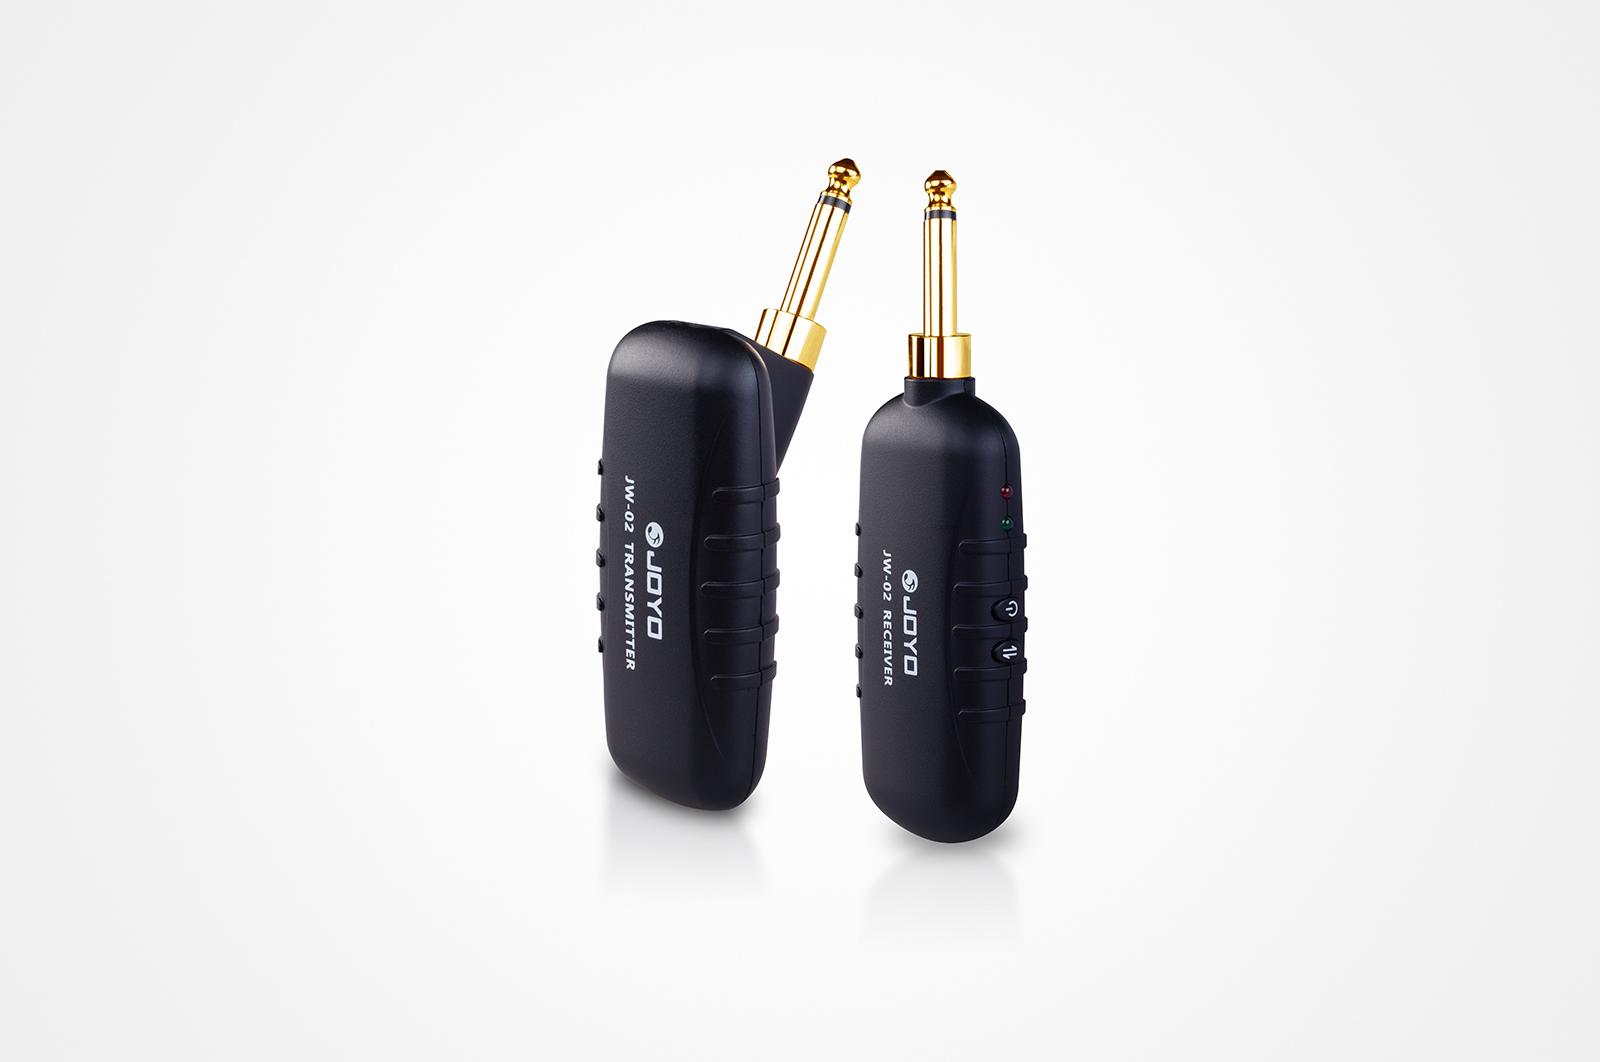 [JW-02 | Transmissor e receptor sem fio]